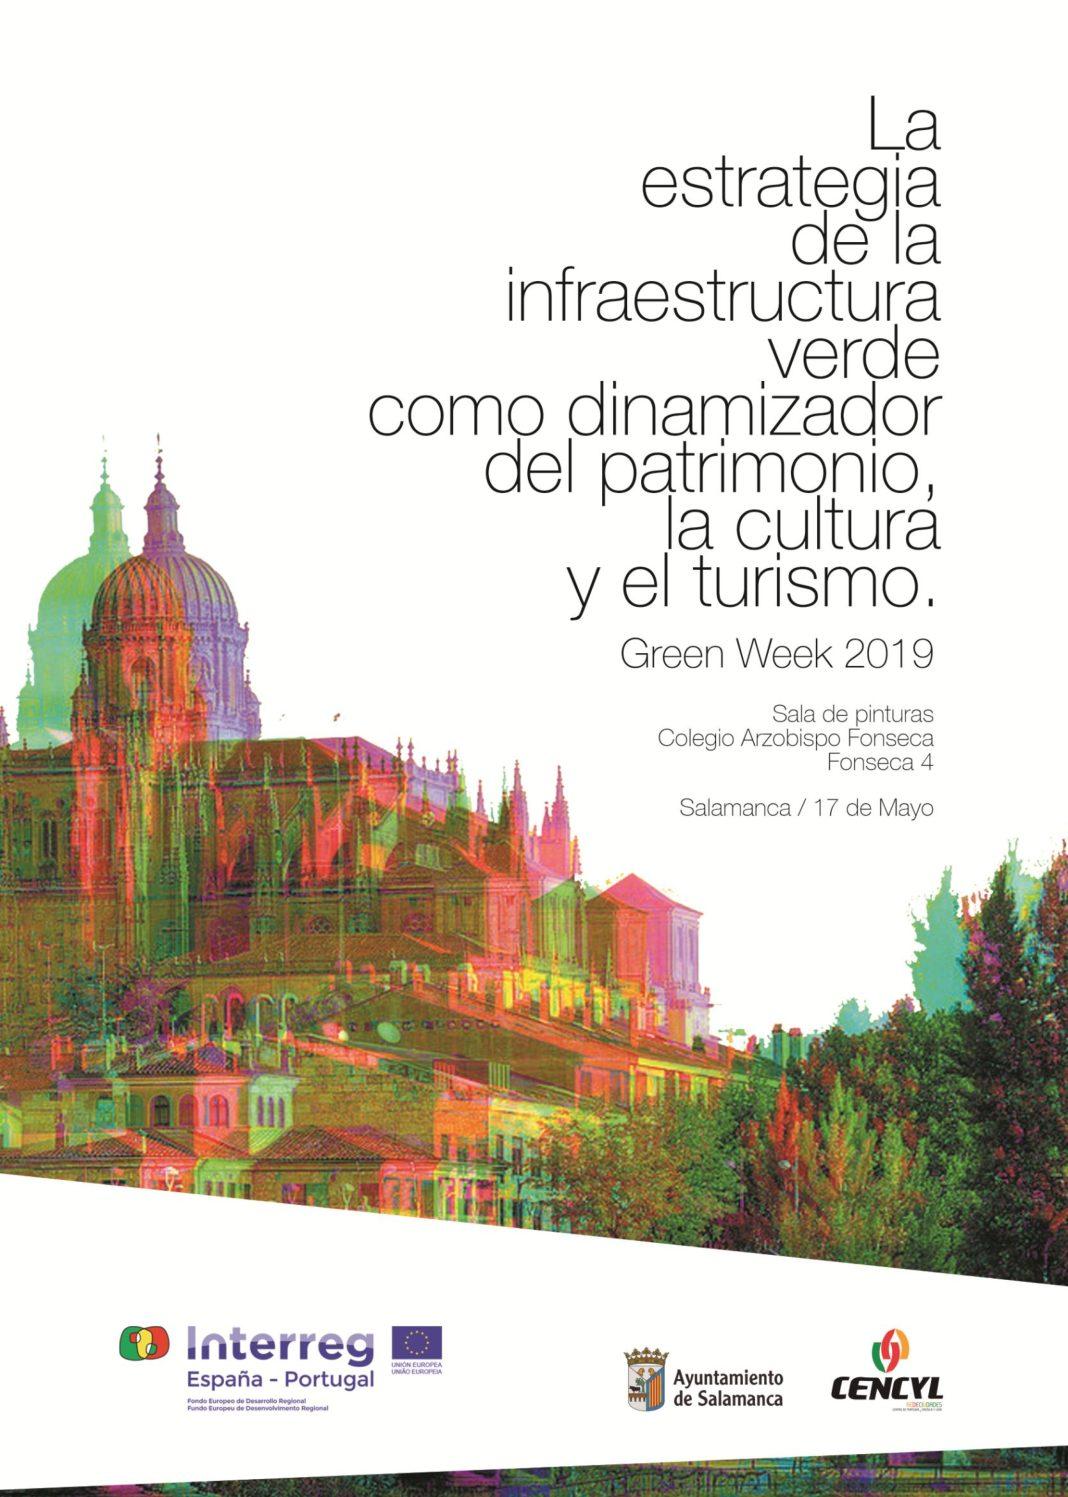 Foro «La infraestructura verde como dinamizador del patrimonio, la cultura y el turismo» Salamanca 17 de Mayo de 2019